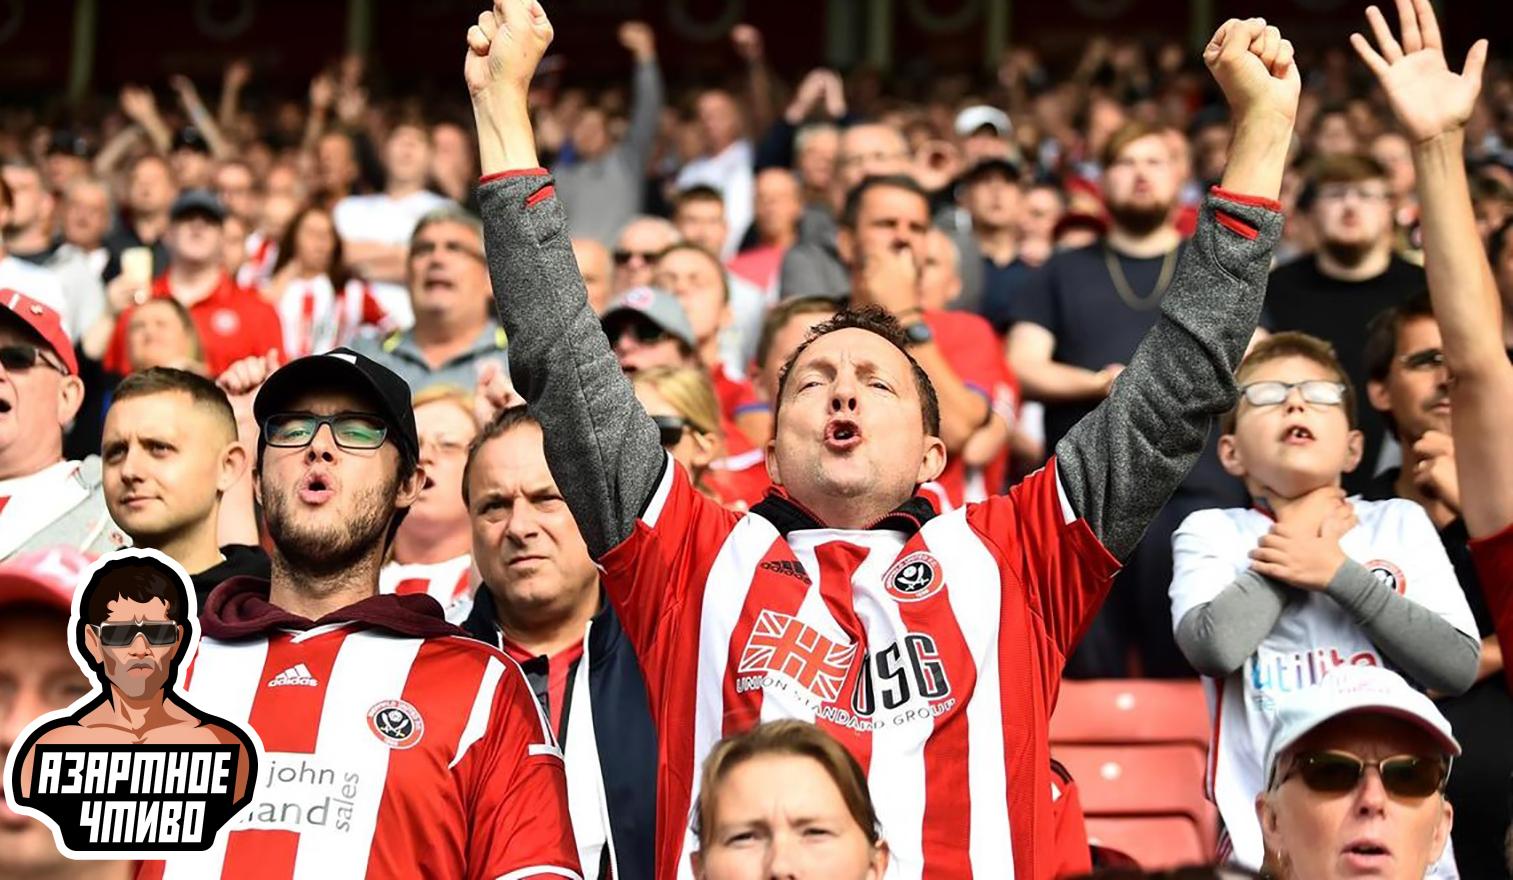 Ставки на футбол, Ставки на спорт, премьер-лига Англия